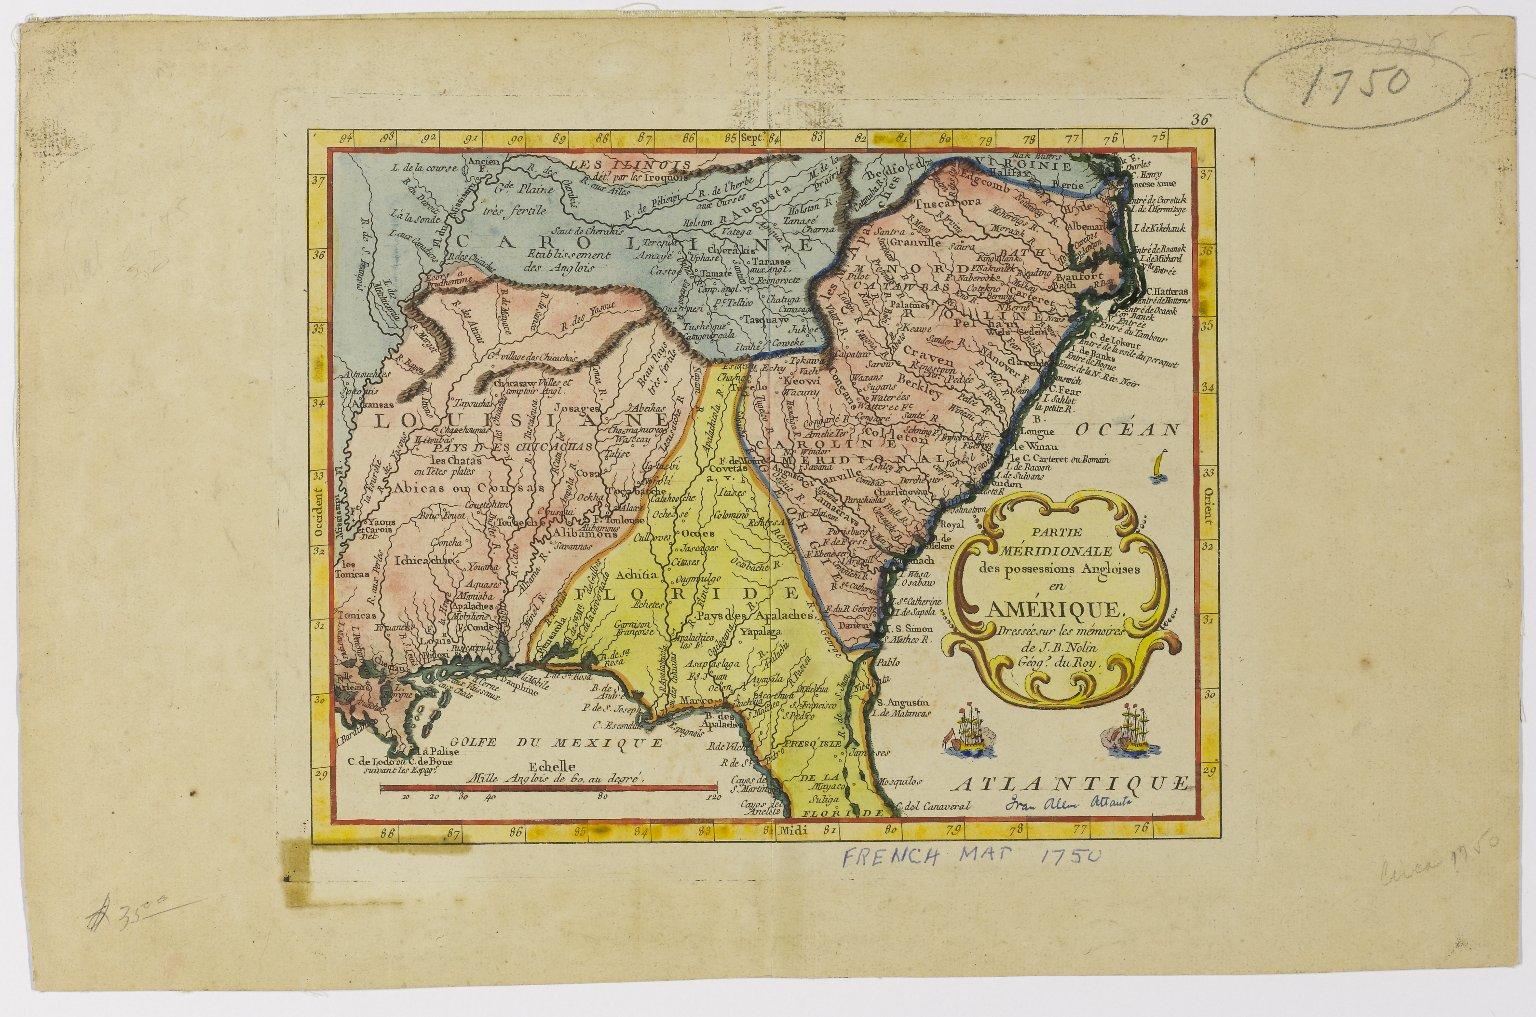 Partie Meridionale des possessions Angloises en Amerique